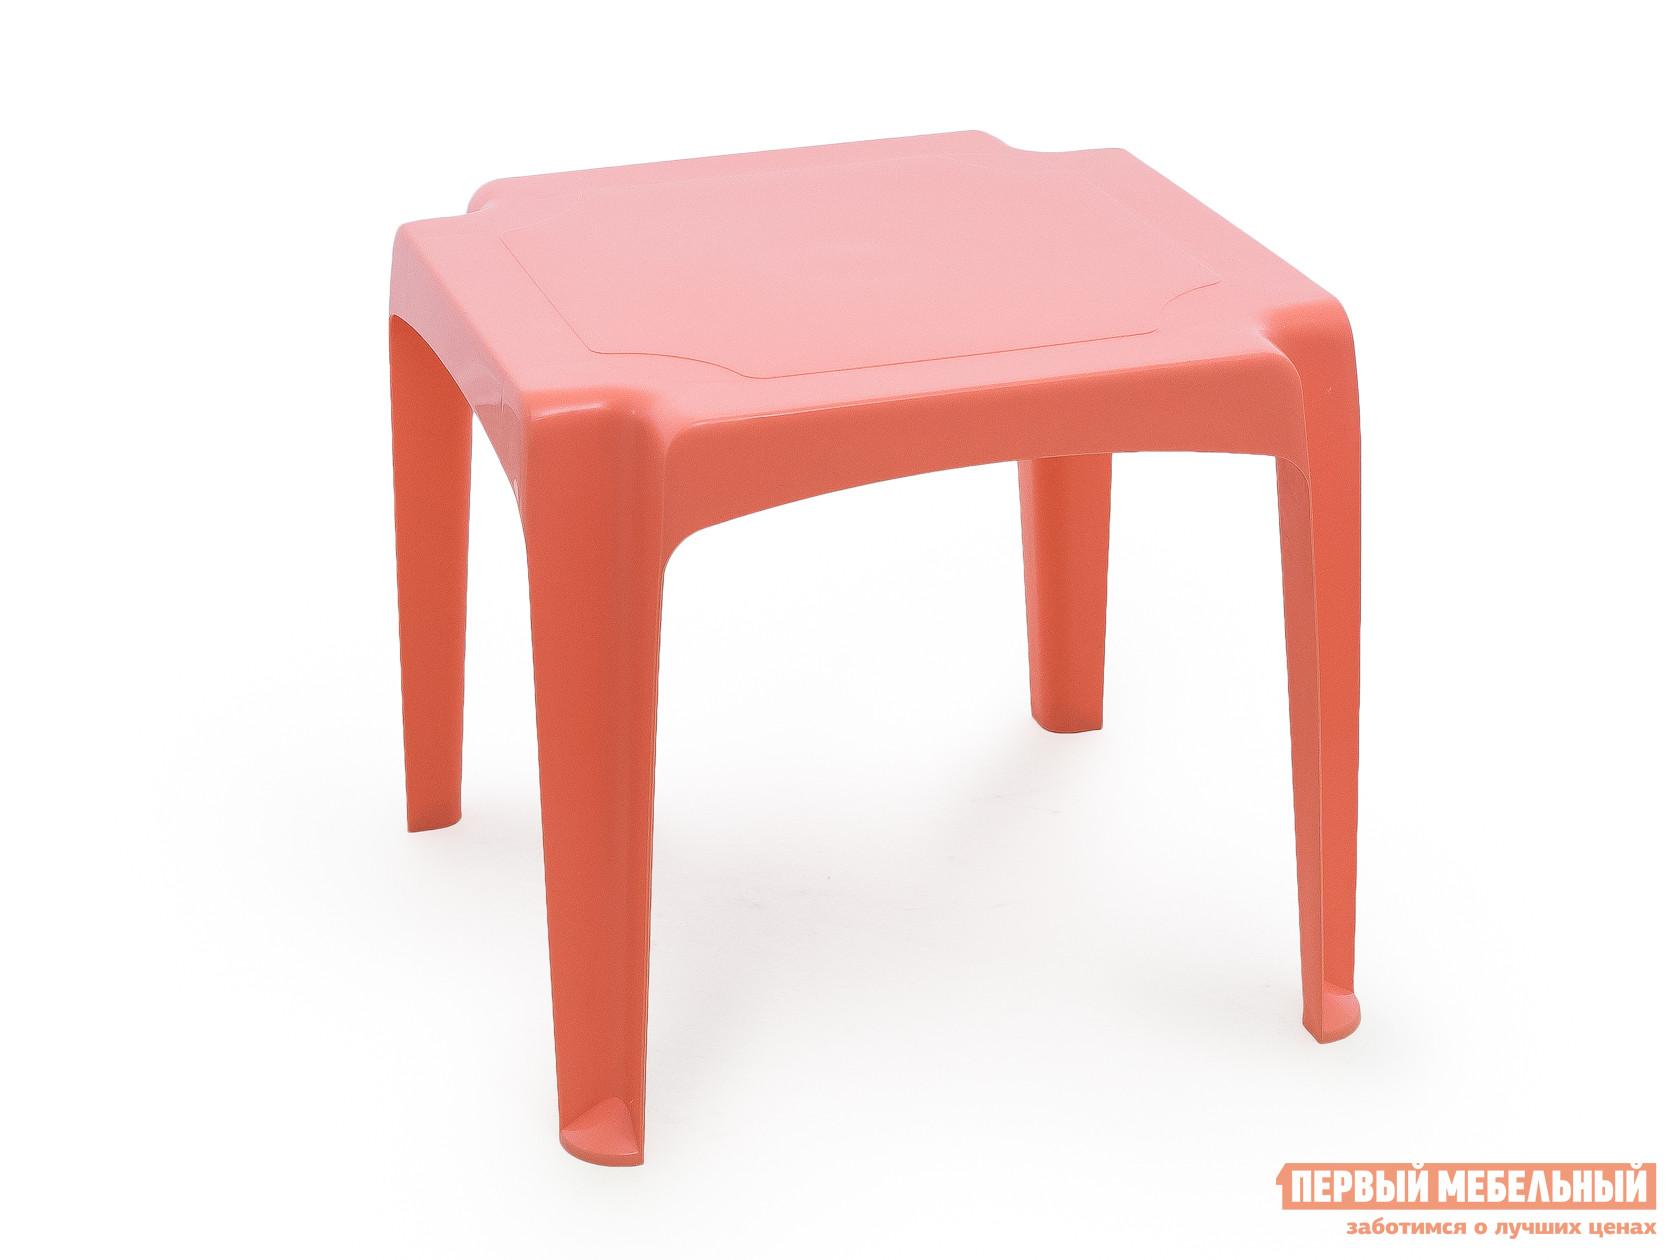 Столик и стульчик Пластишка 4313230 Коралловый